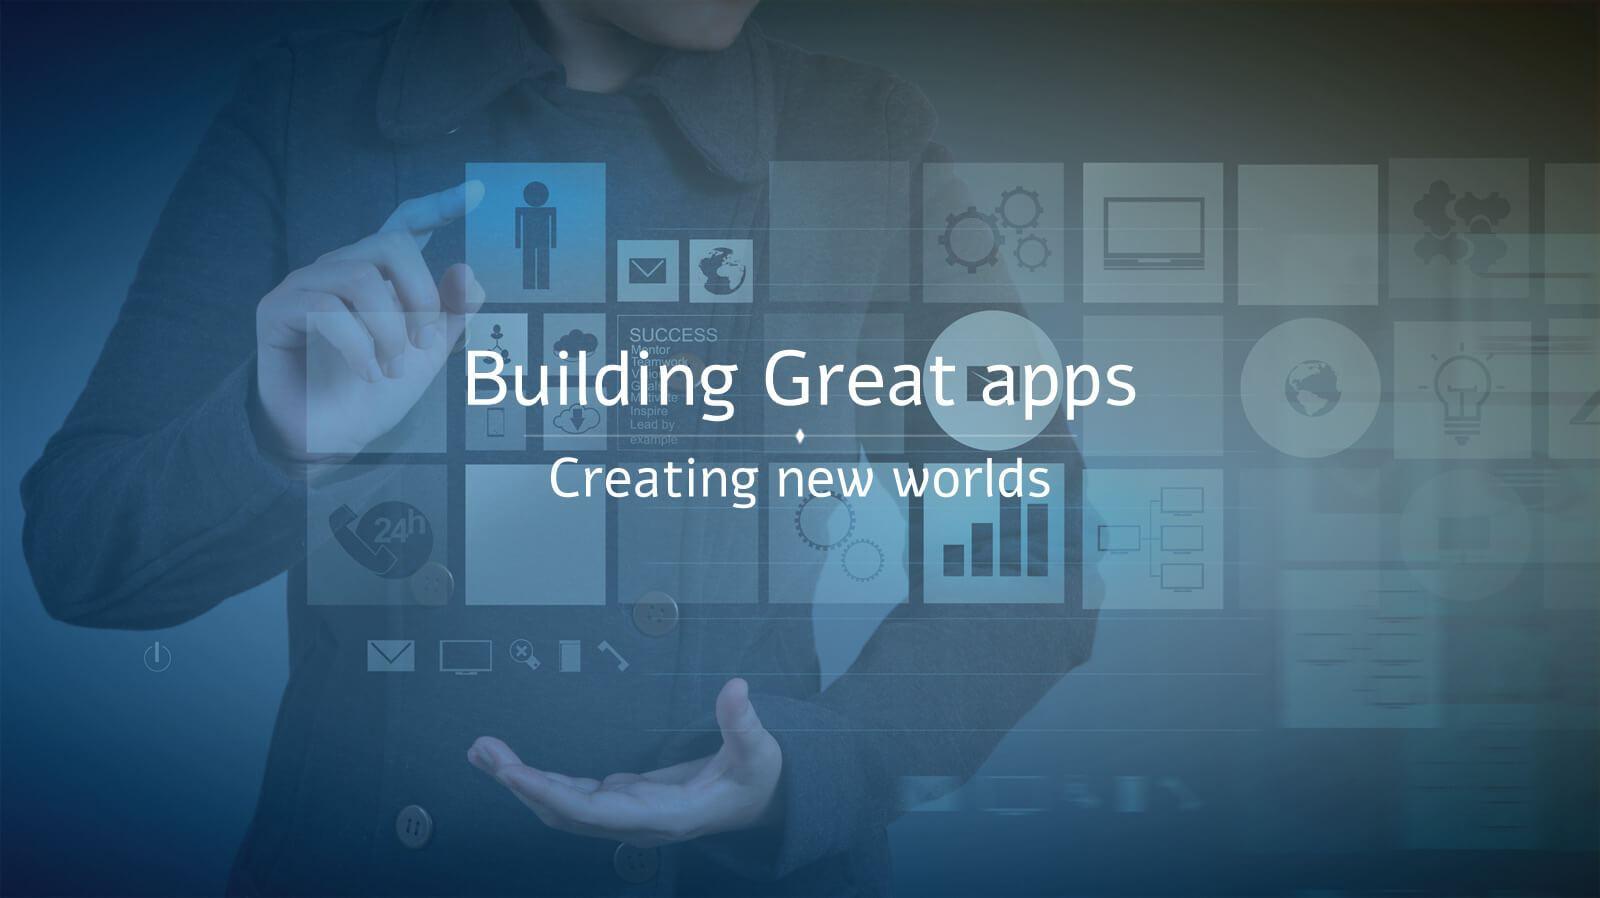 אפליקציות מובייל או תוכנה ארגונית